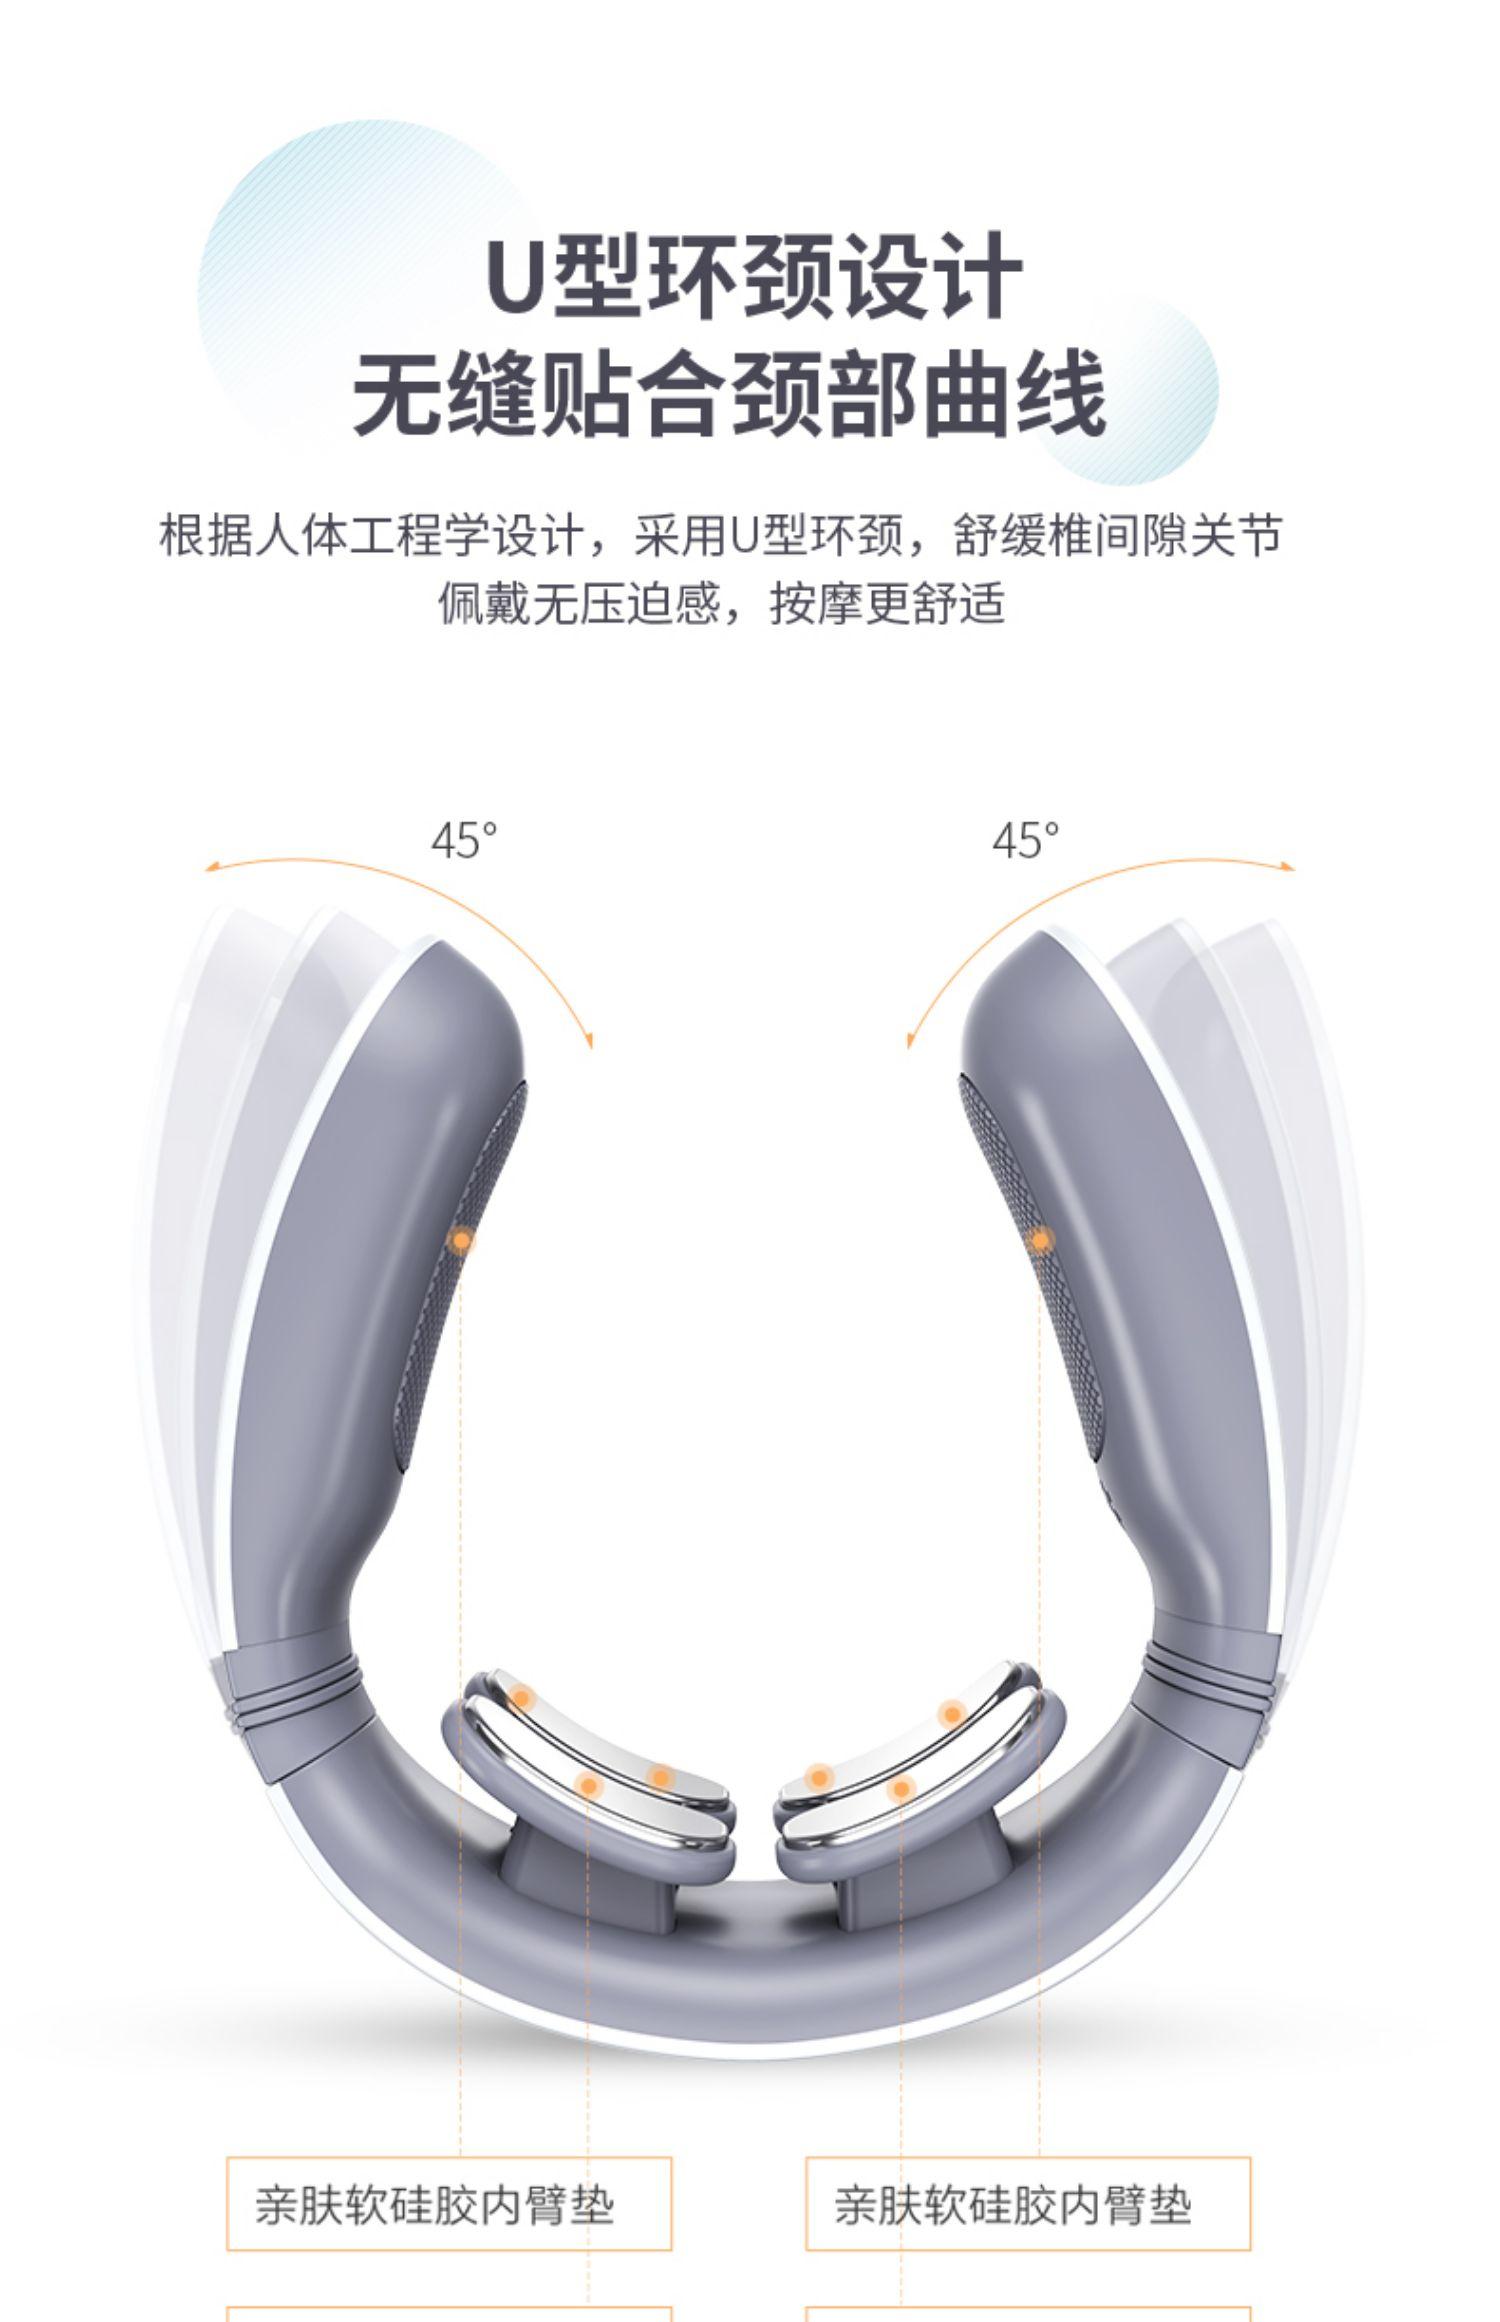 【触底价】智能恒温热敷颈椎按摩护颈仪